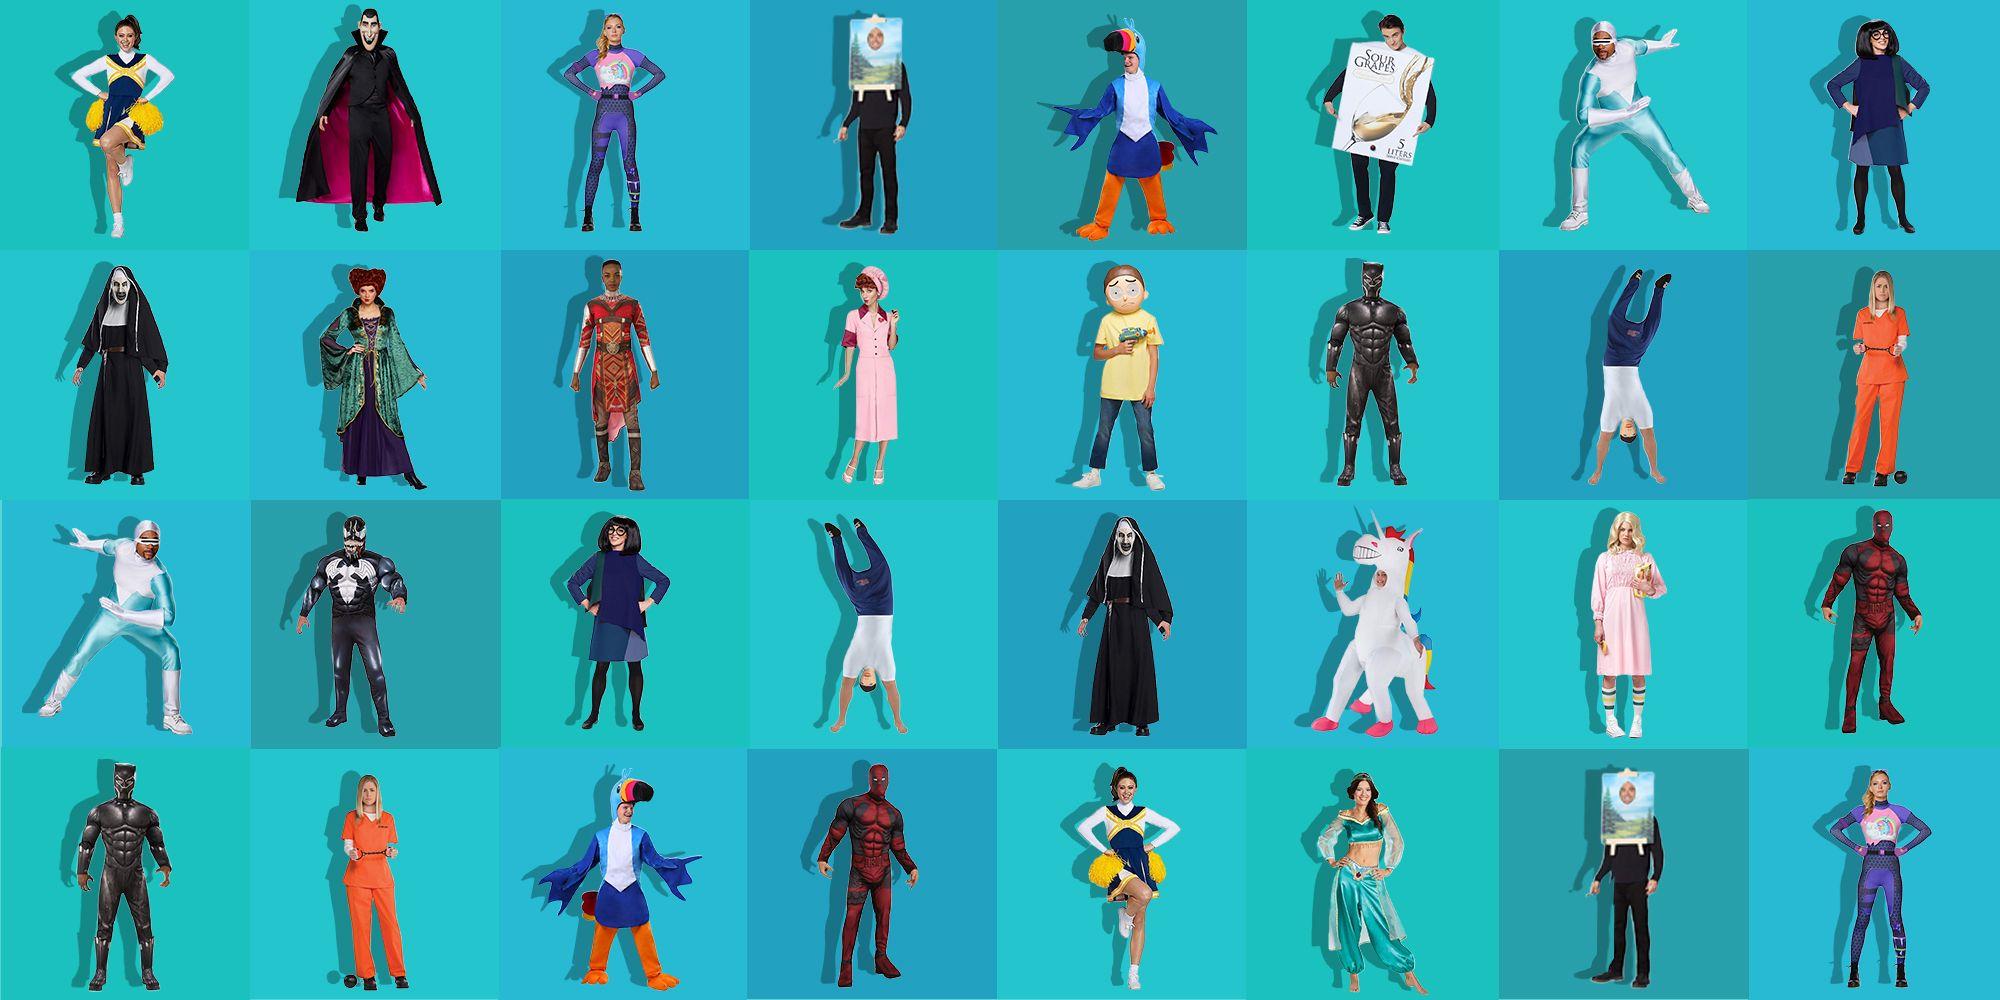 best Halloween costumes 2018